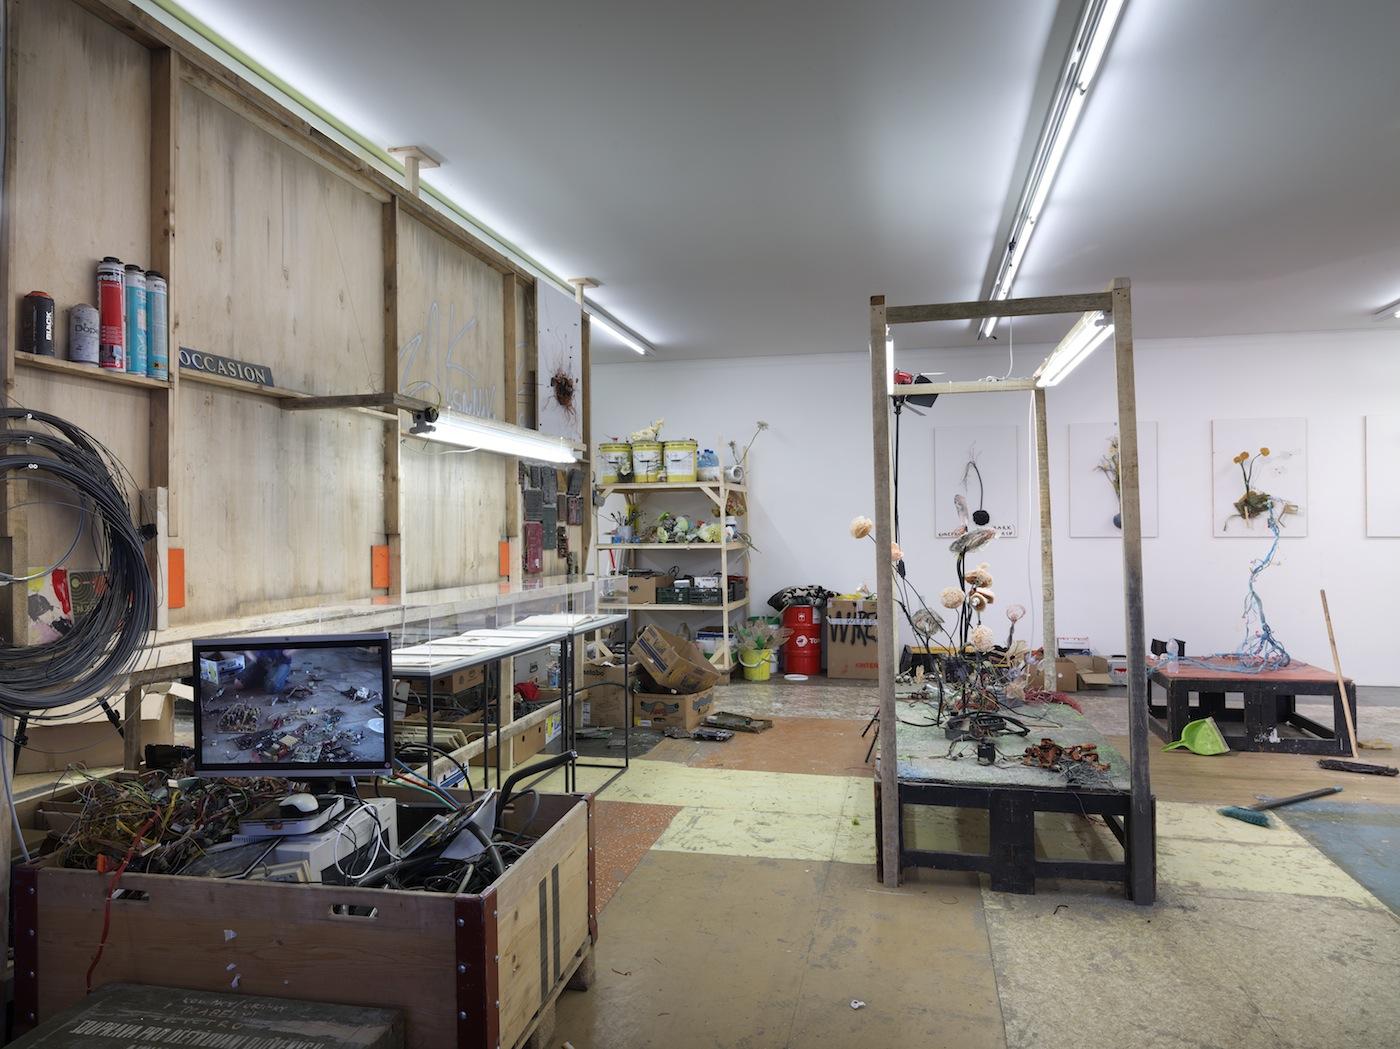 Krištof Kintera Laboratorio dell'artista / Artist's Laboratory, 2017 Collezione Maramotti, veduta di mostra / Collezione Maramotti, exhibition view. Foto: Dario Lasagni